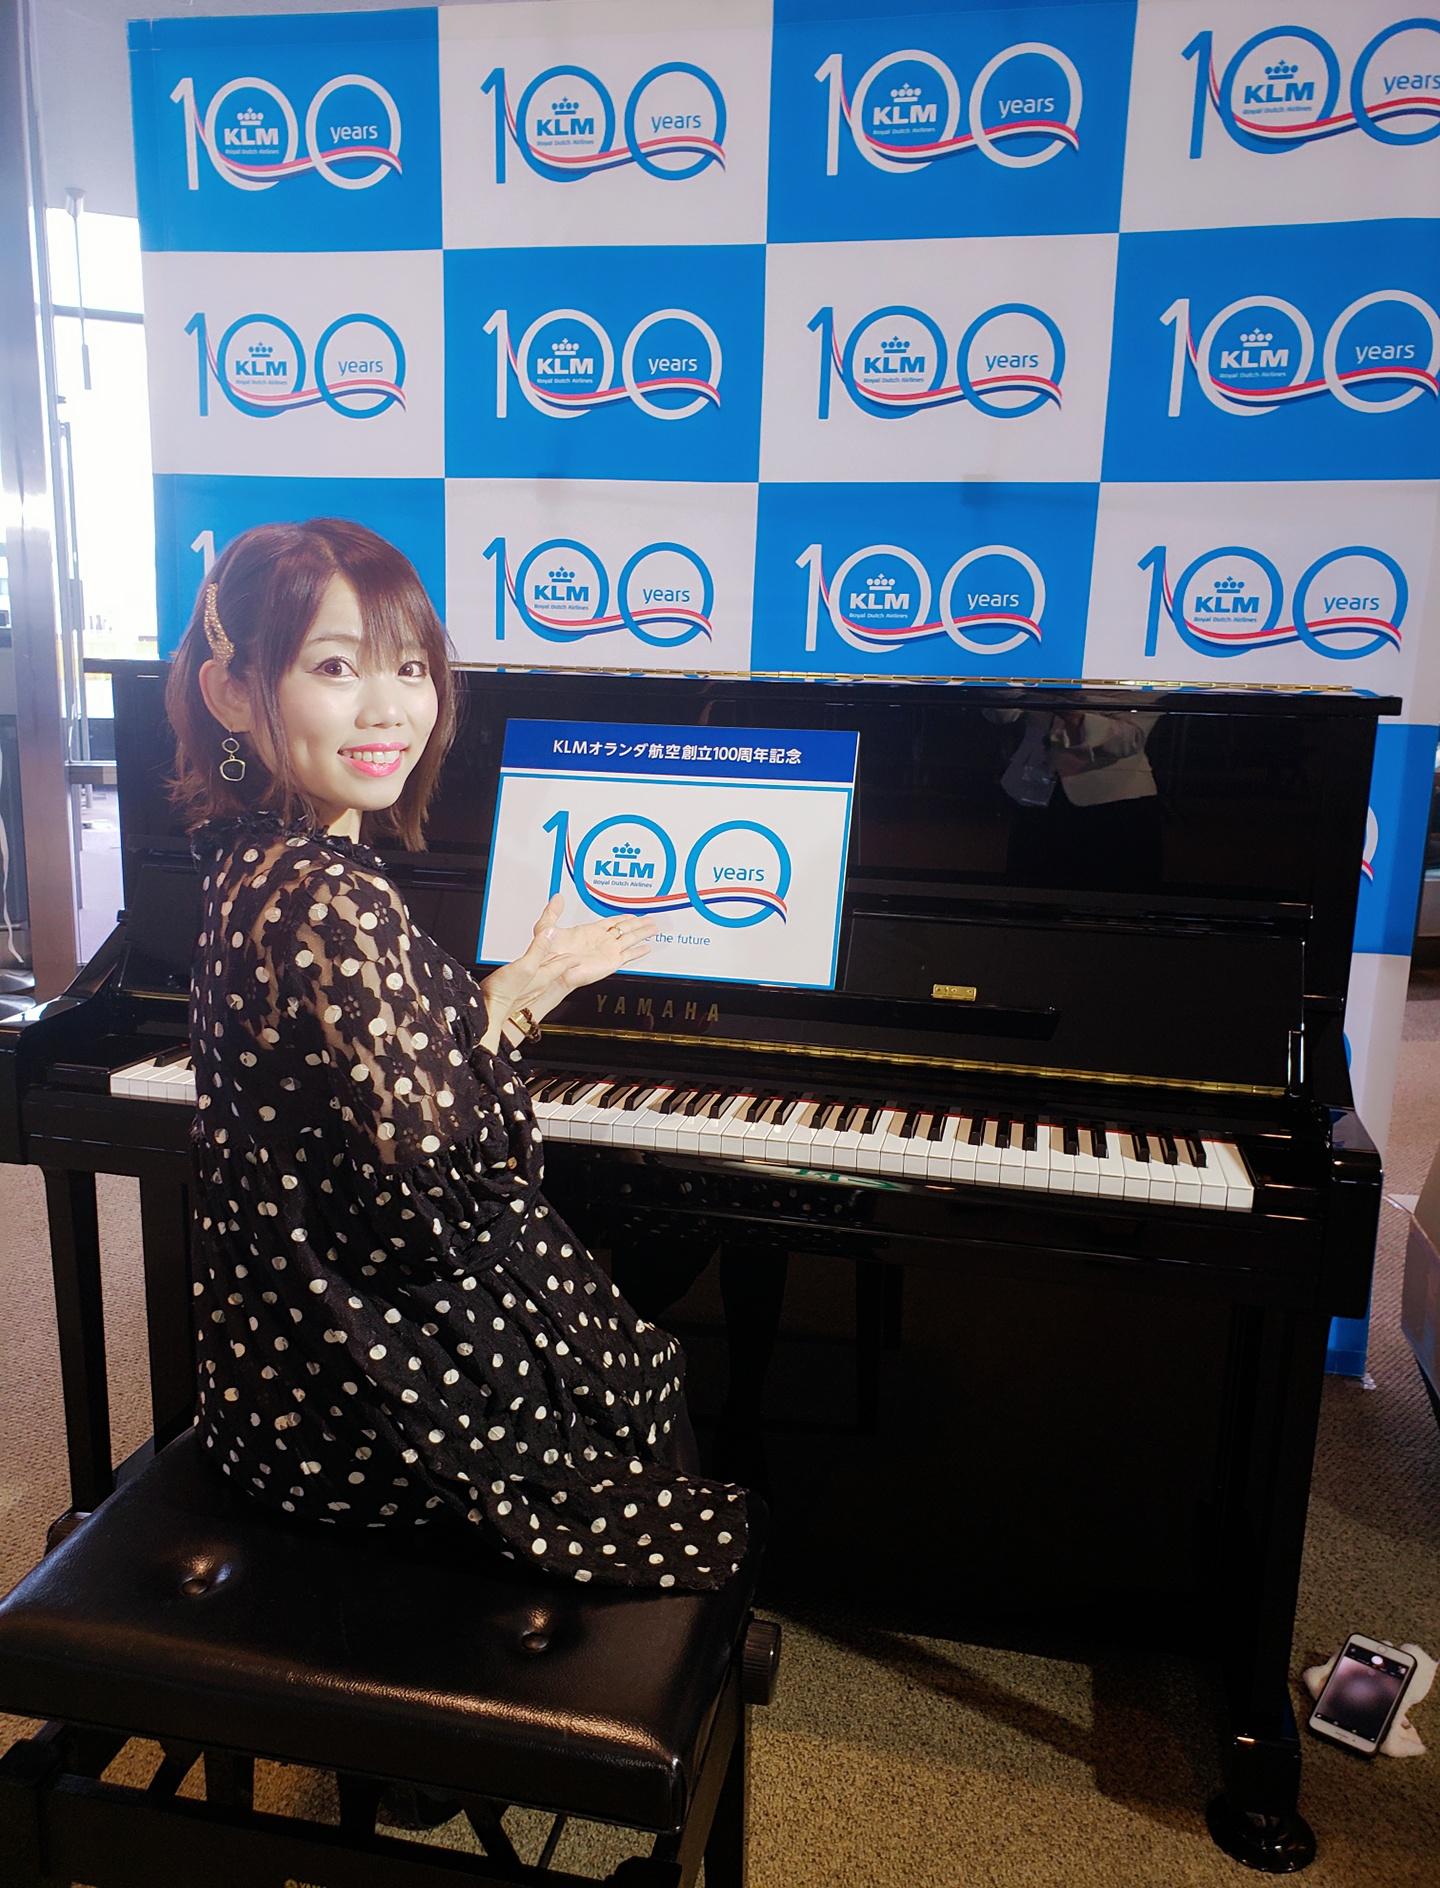 ピアニストがピアノの椅子に座っていう写真